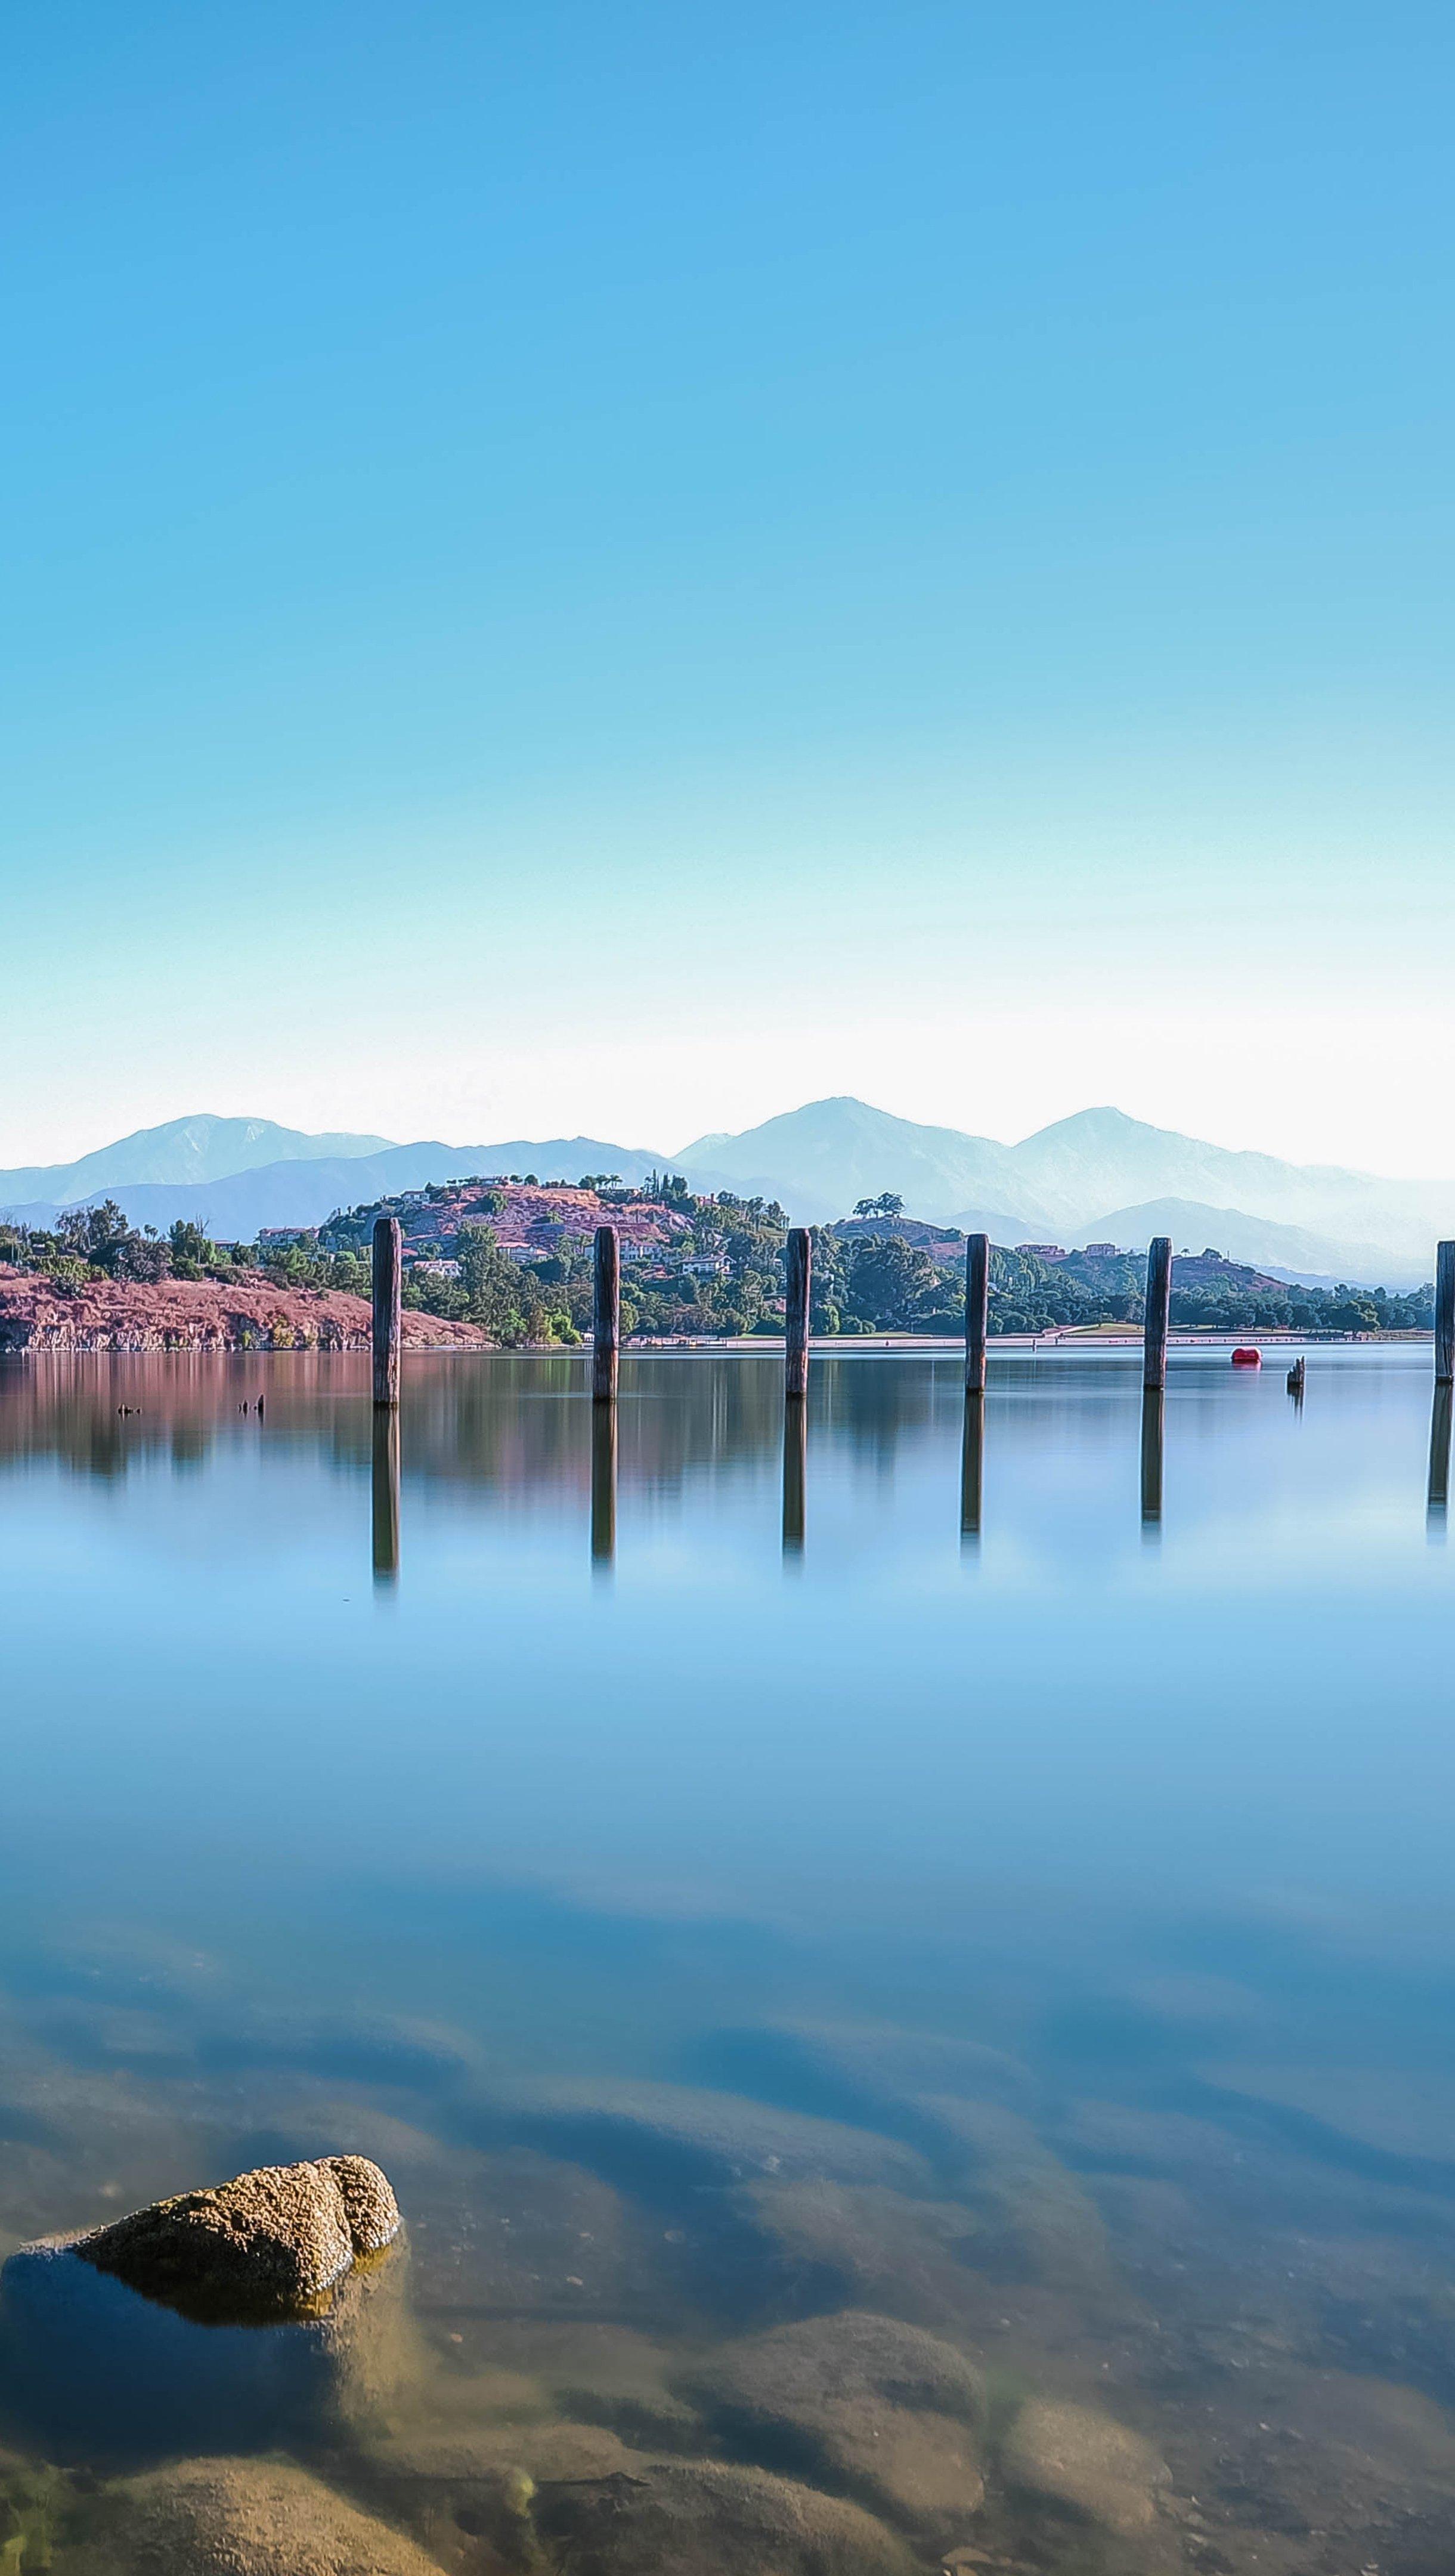 Fondos de pantalla Lago con montañas distantes Vertical